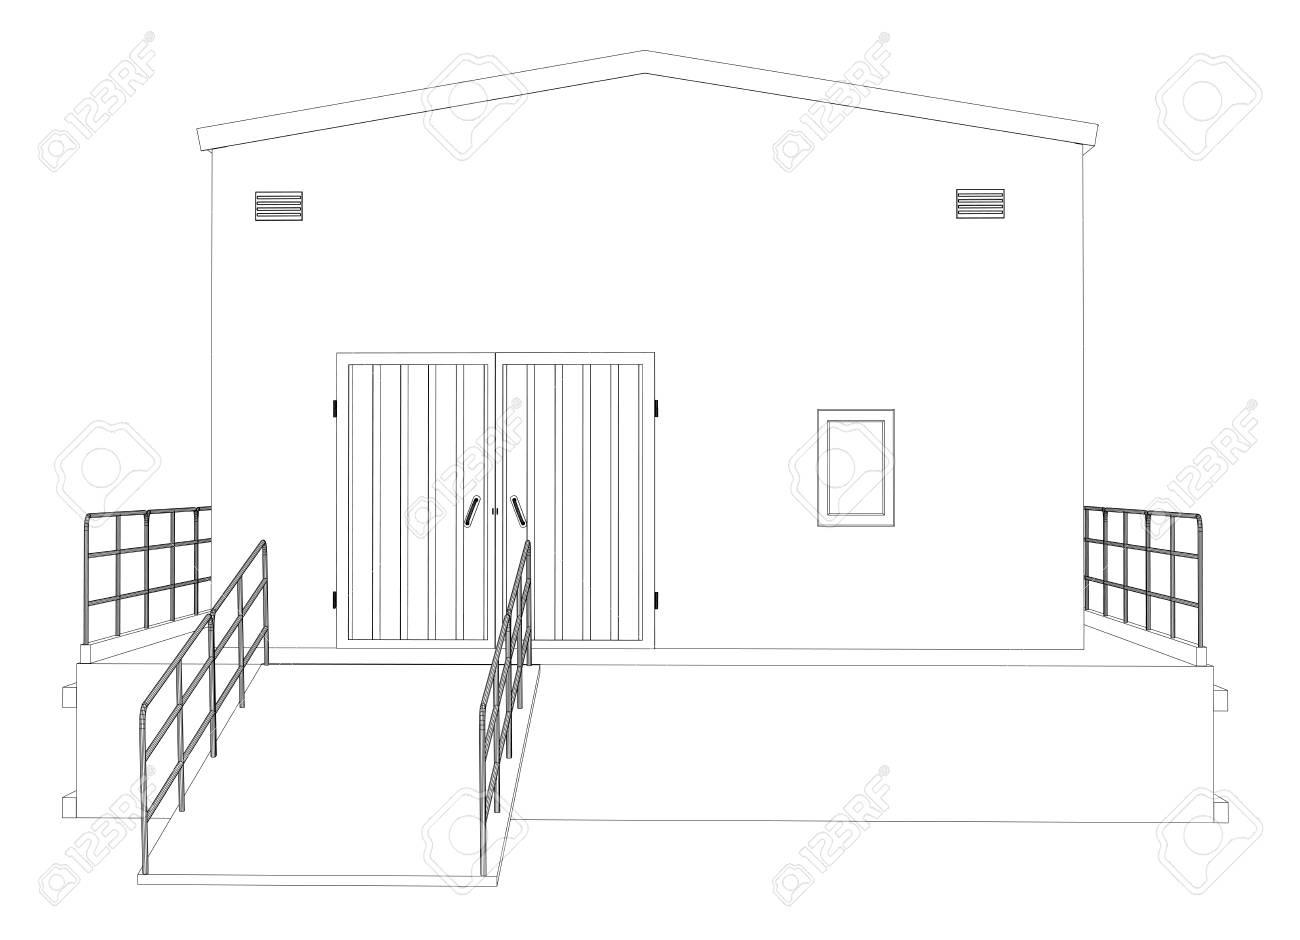 Niedlich Drahtrahmen Zeichnung Galerie - Elektrische Schaltplan ...